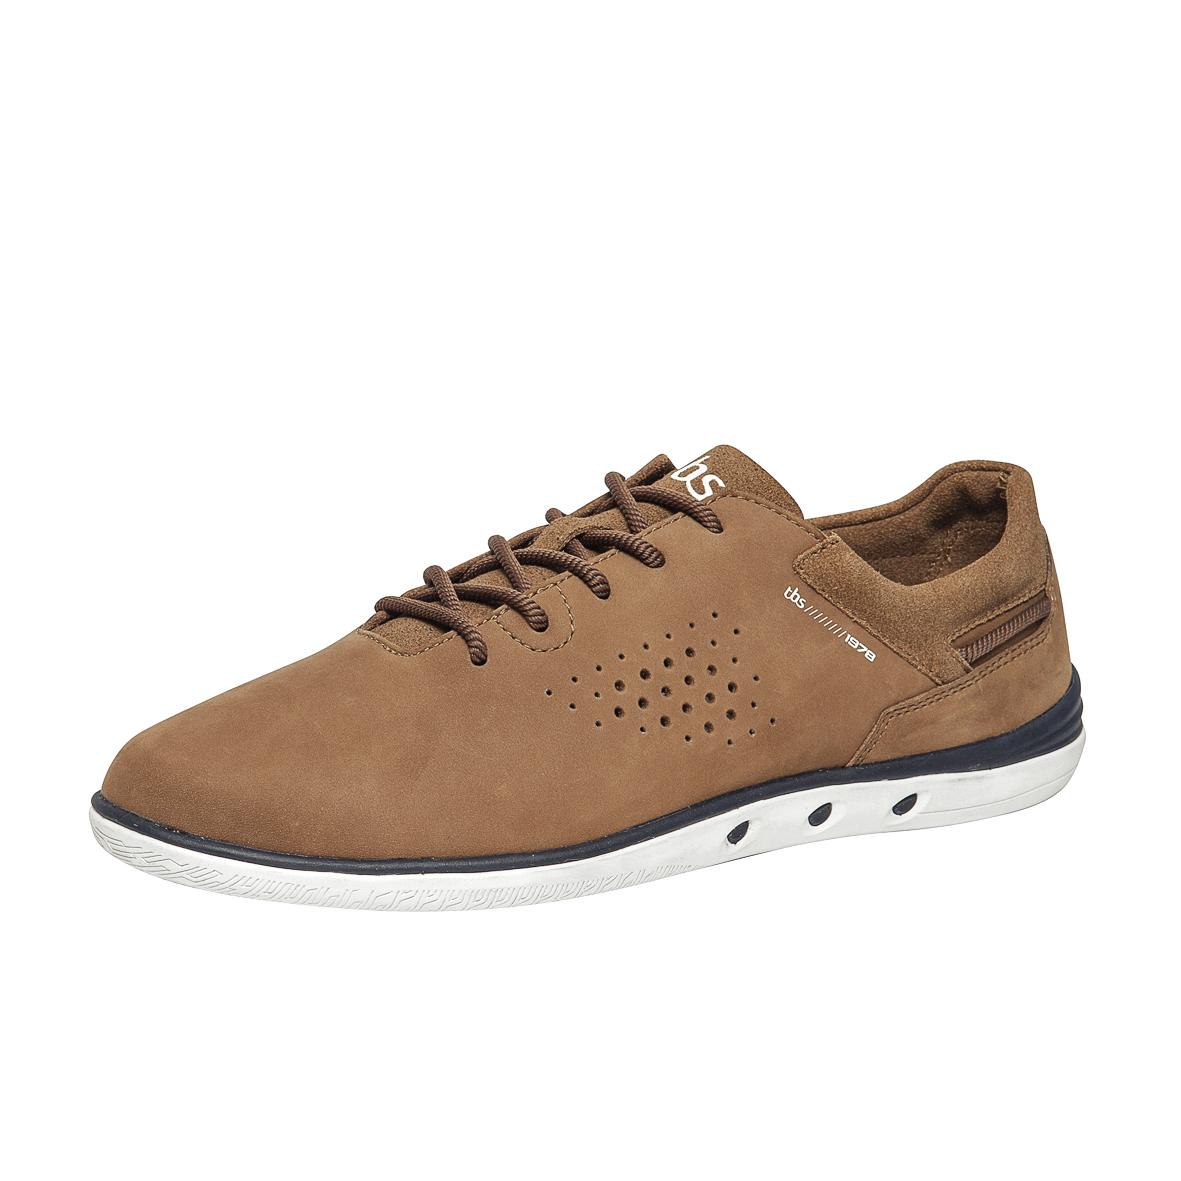 Полуботинки мужские. MAHANI-4875MAHANI-4875Мега легкие и комфортные спортивные ботинки, на шнурке.